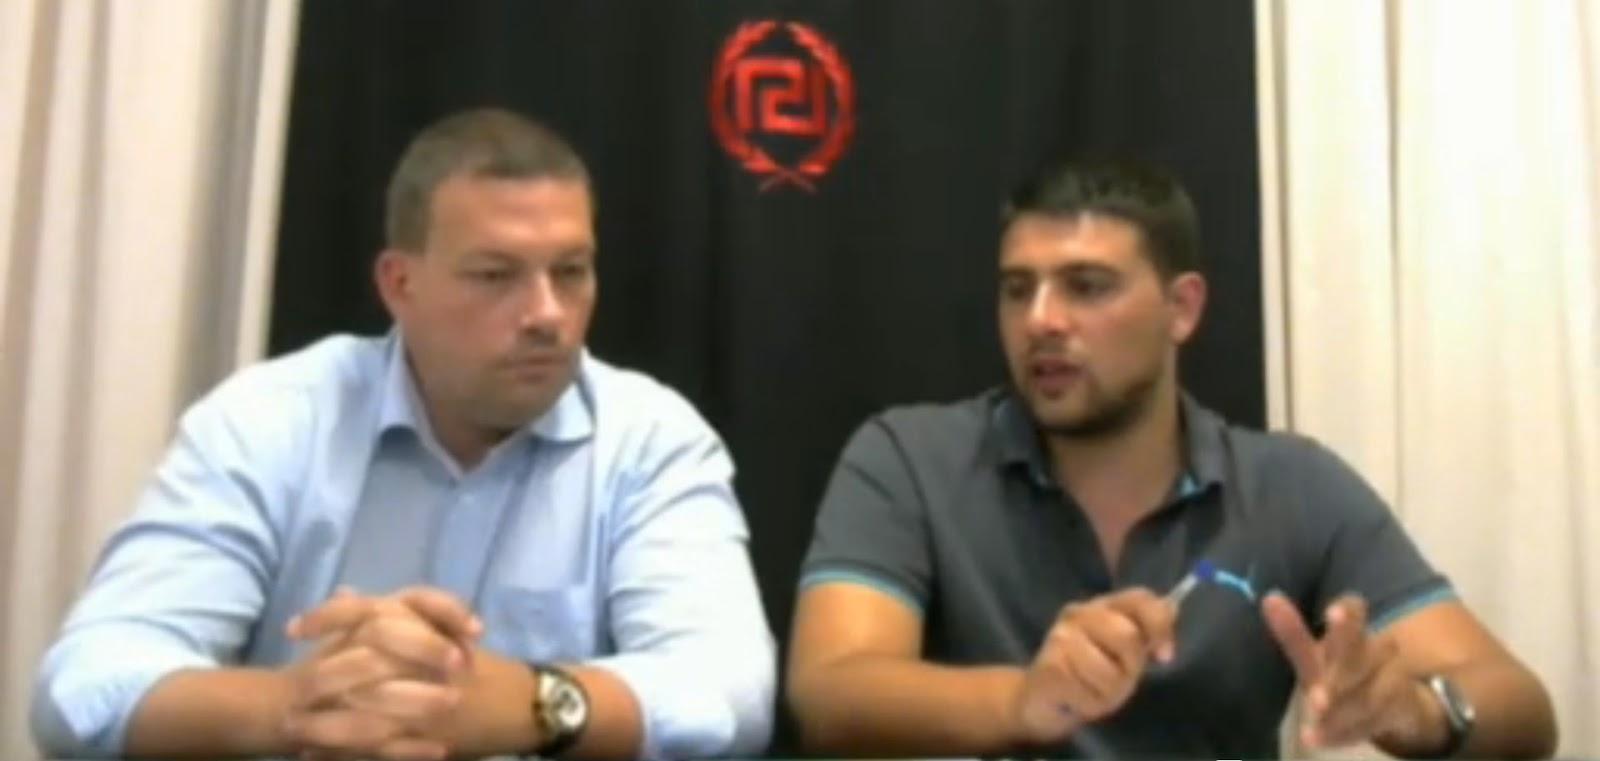 Στις 22:00 η πρώτη πολιτική εκπομπή της Χρυσής Αυγής από την Θεσσαλονίκη ζωντανά στο Xagr.net